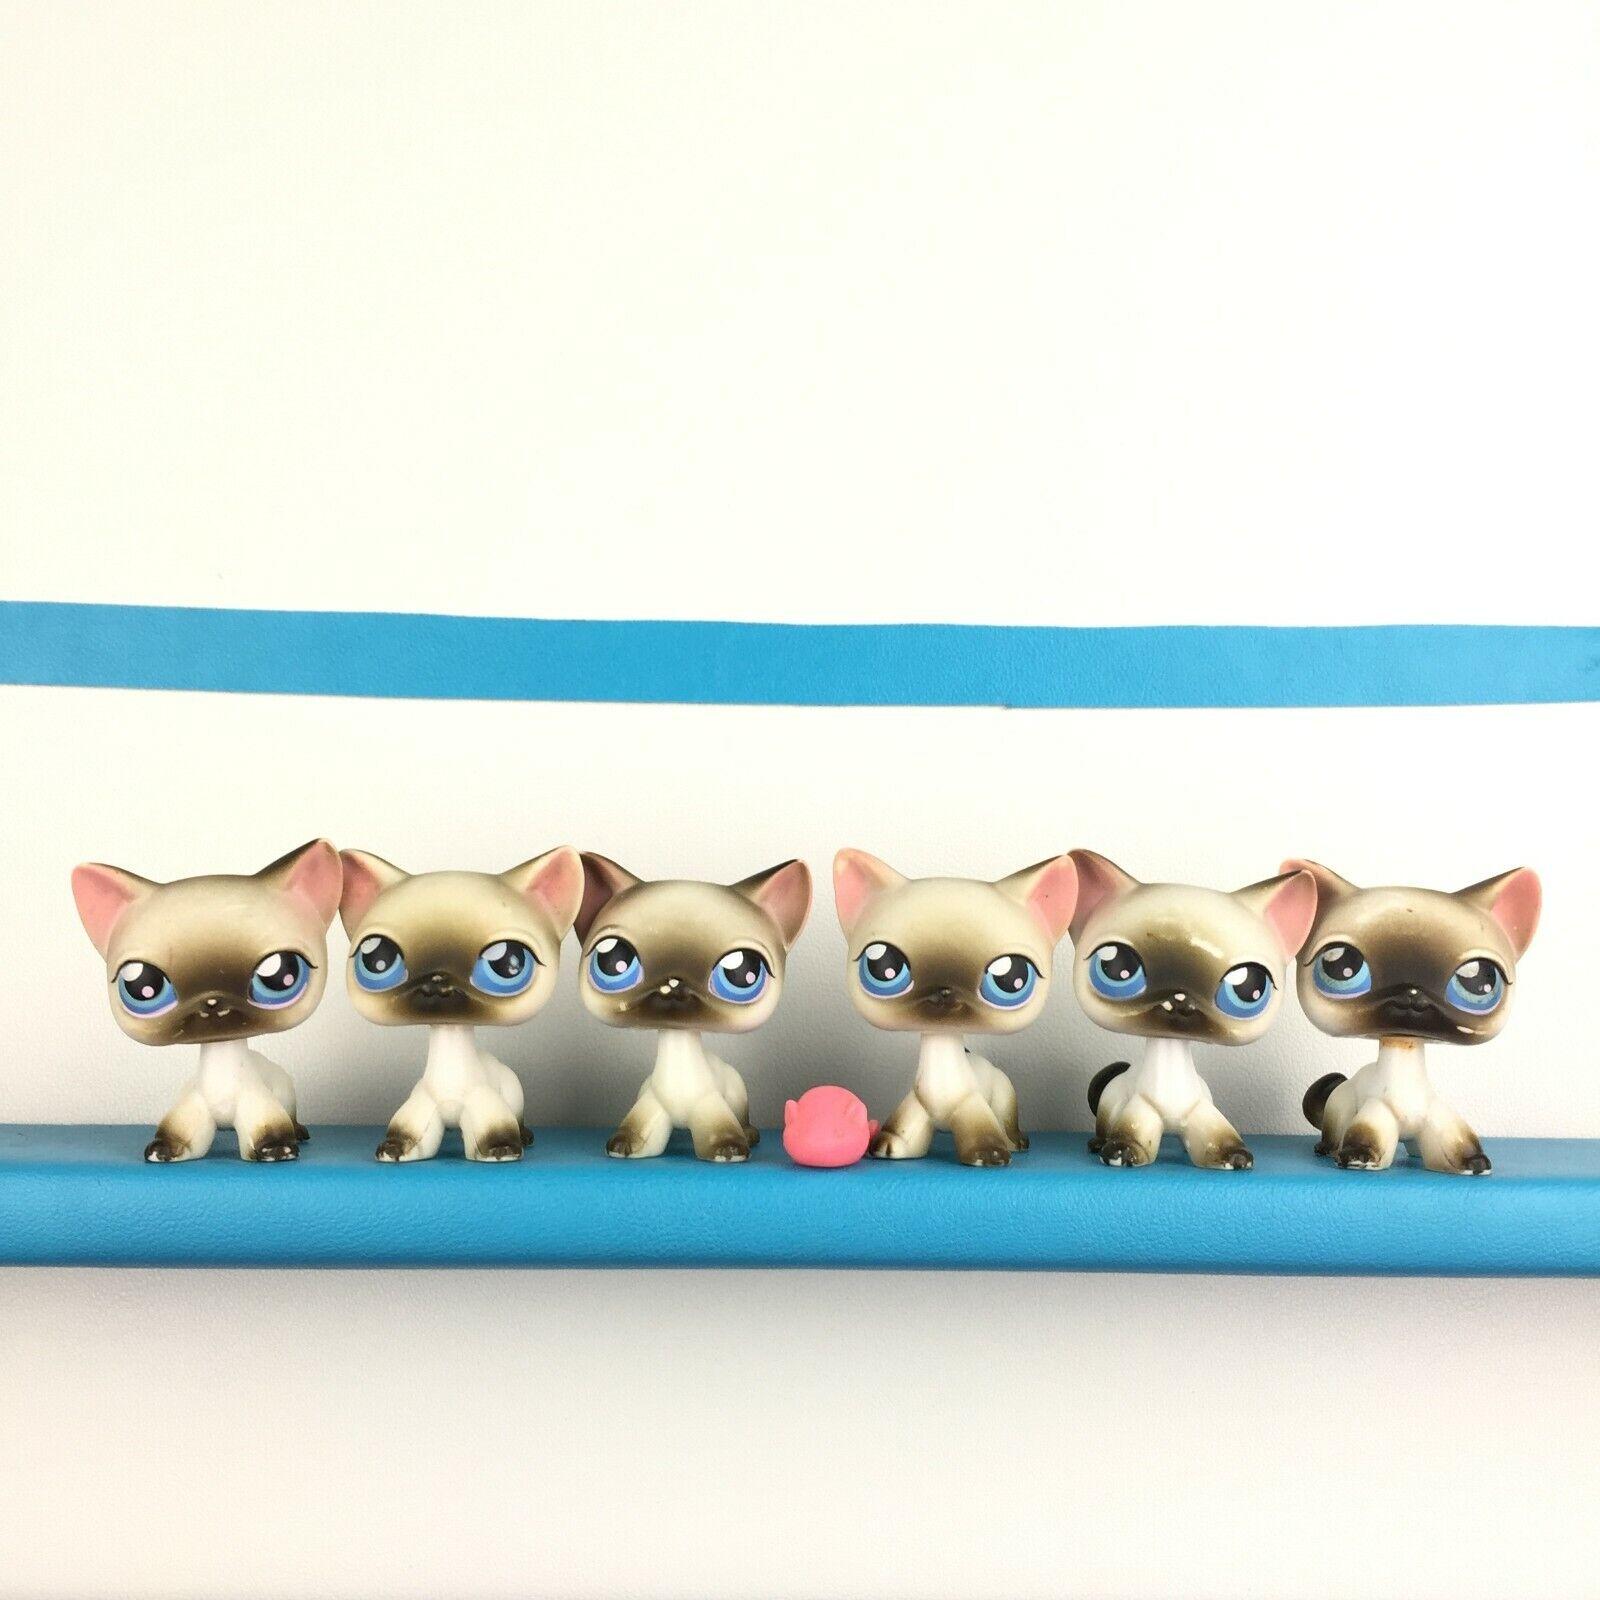 Lot 6 Authentic Littlest Pet Shop Cat Short Hair Kitty Original LPS